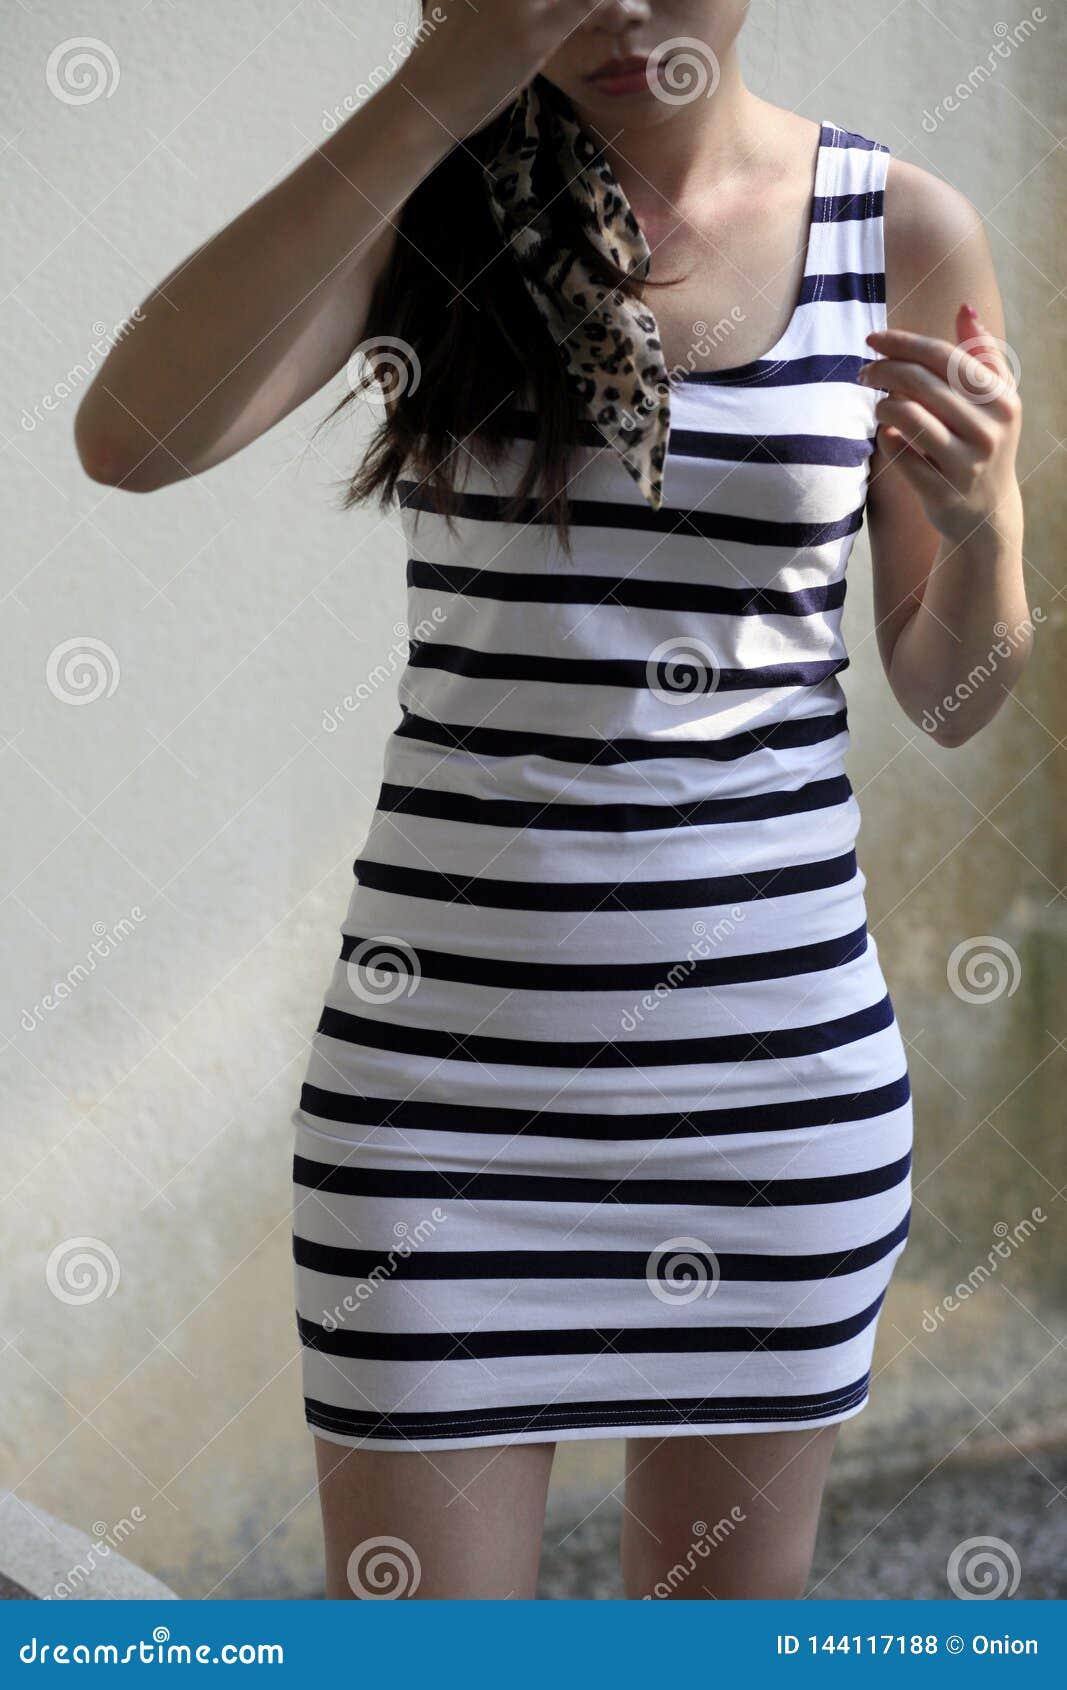 frau, die ein gestreiftes kleid in schwarzweiss trägt